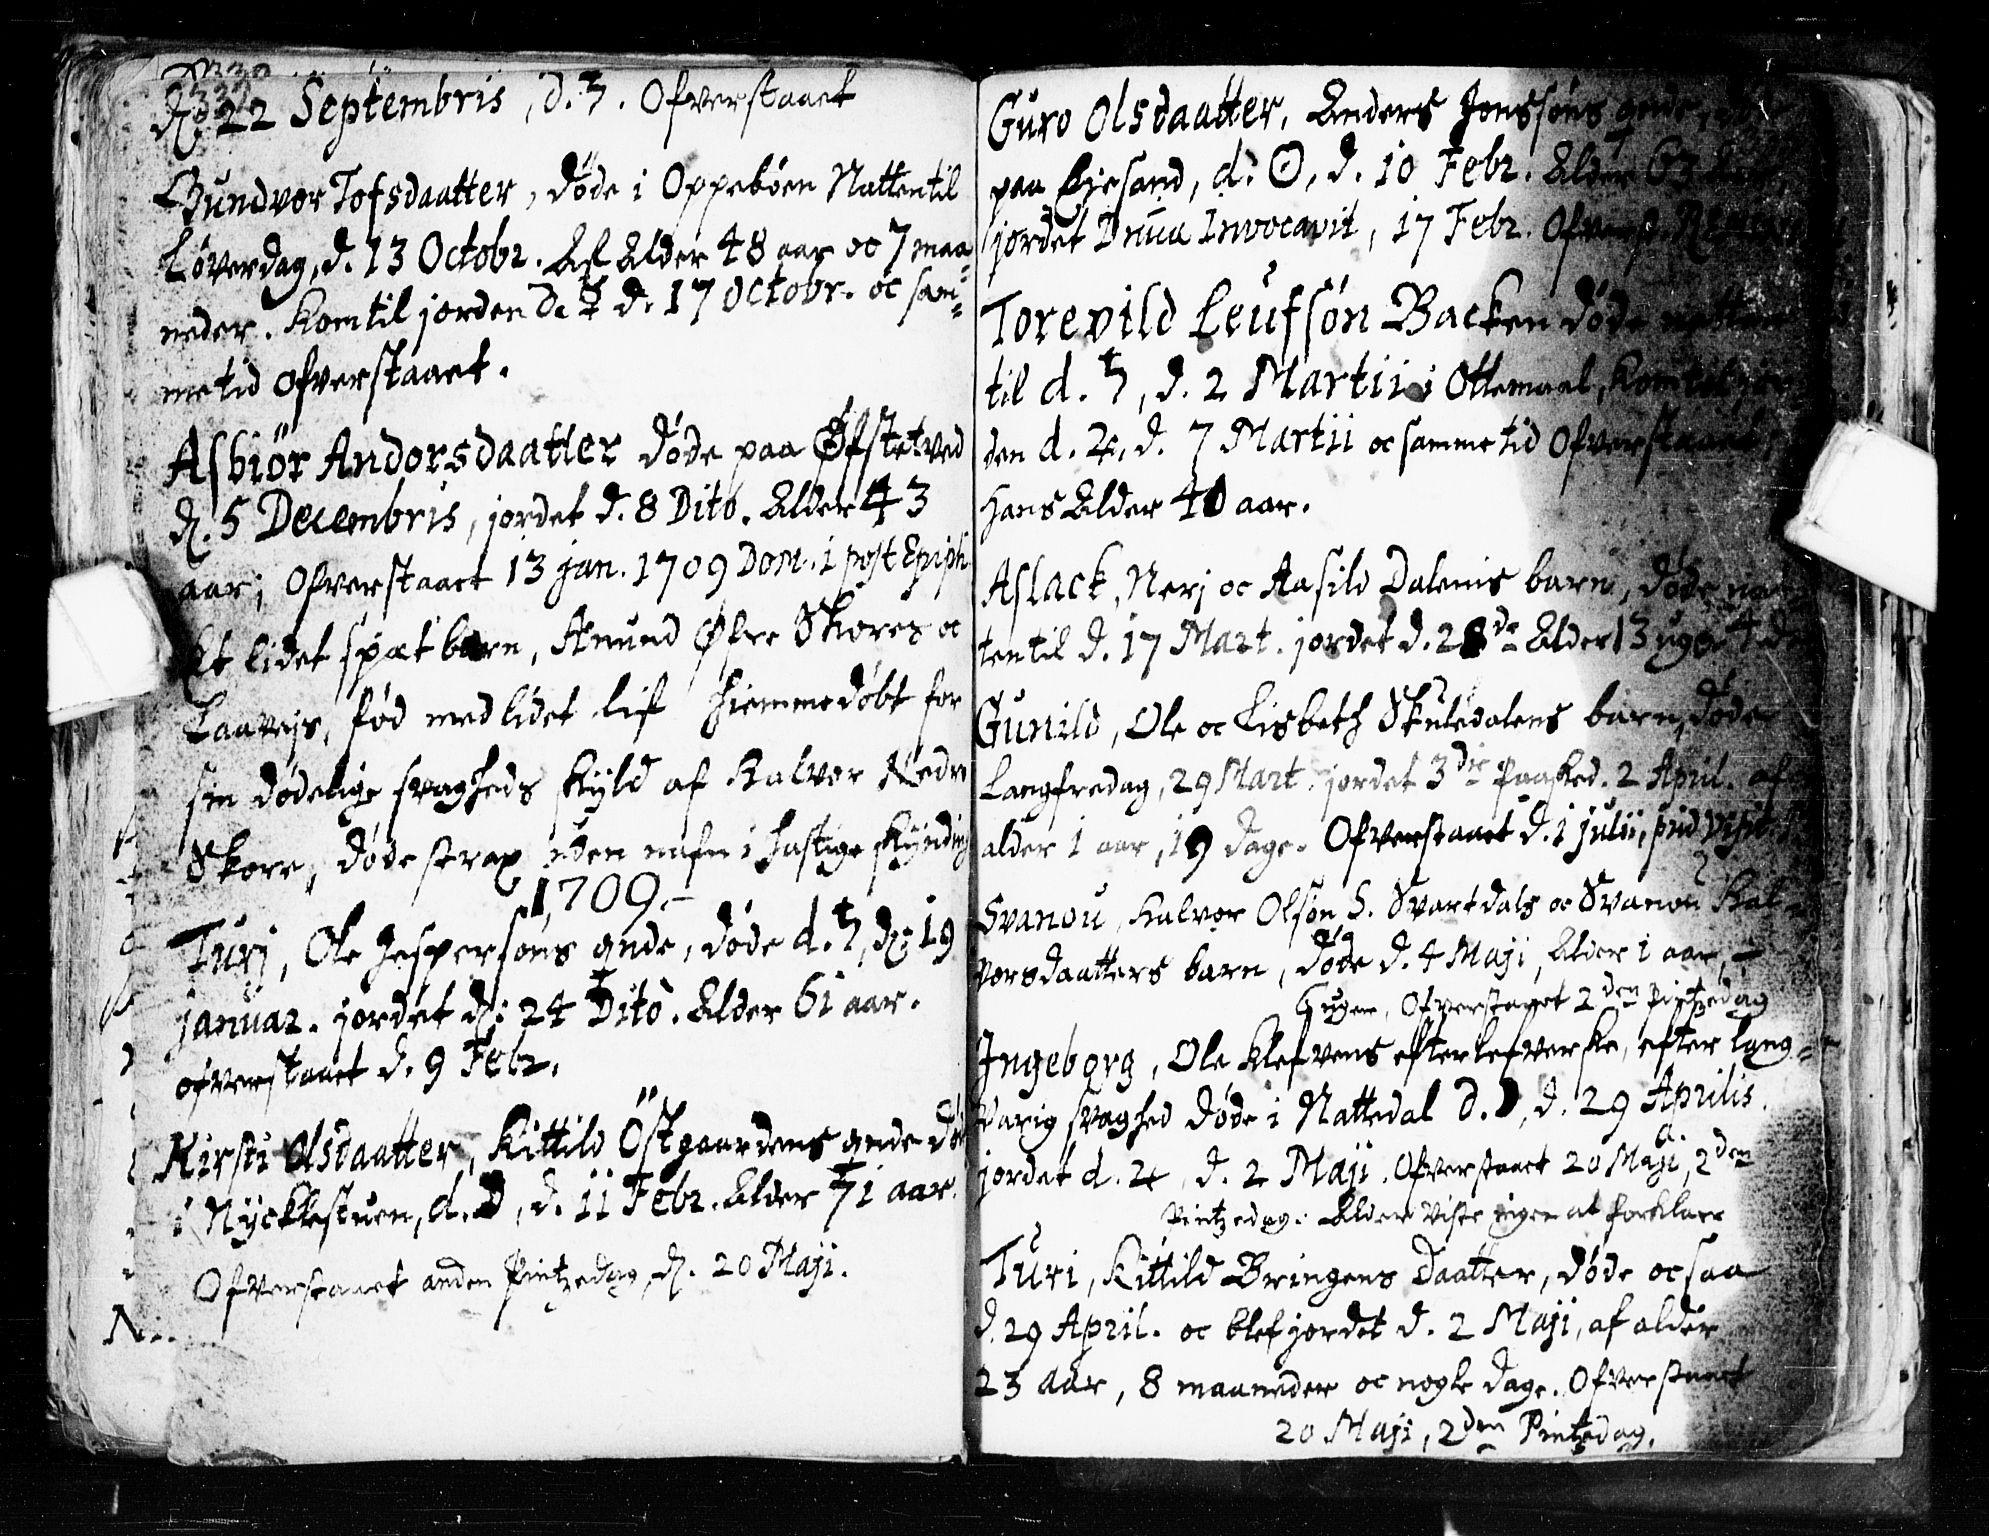 SAKO, Seljord kirkebøker, F/Fa/L0002: Ministerialbok nr. I 2, 1689-1713, s. 332-333